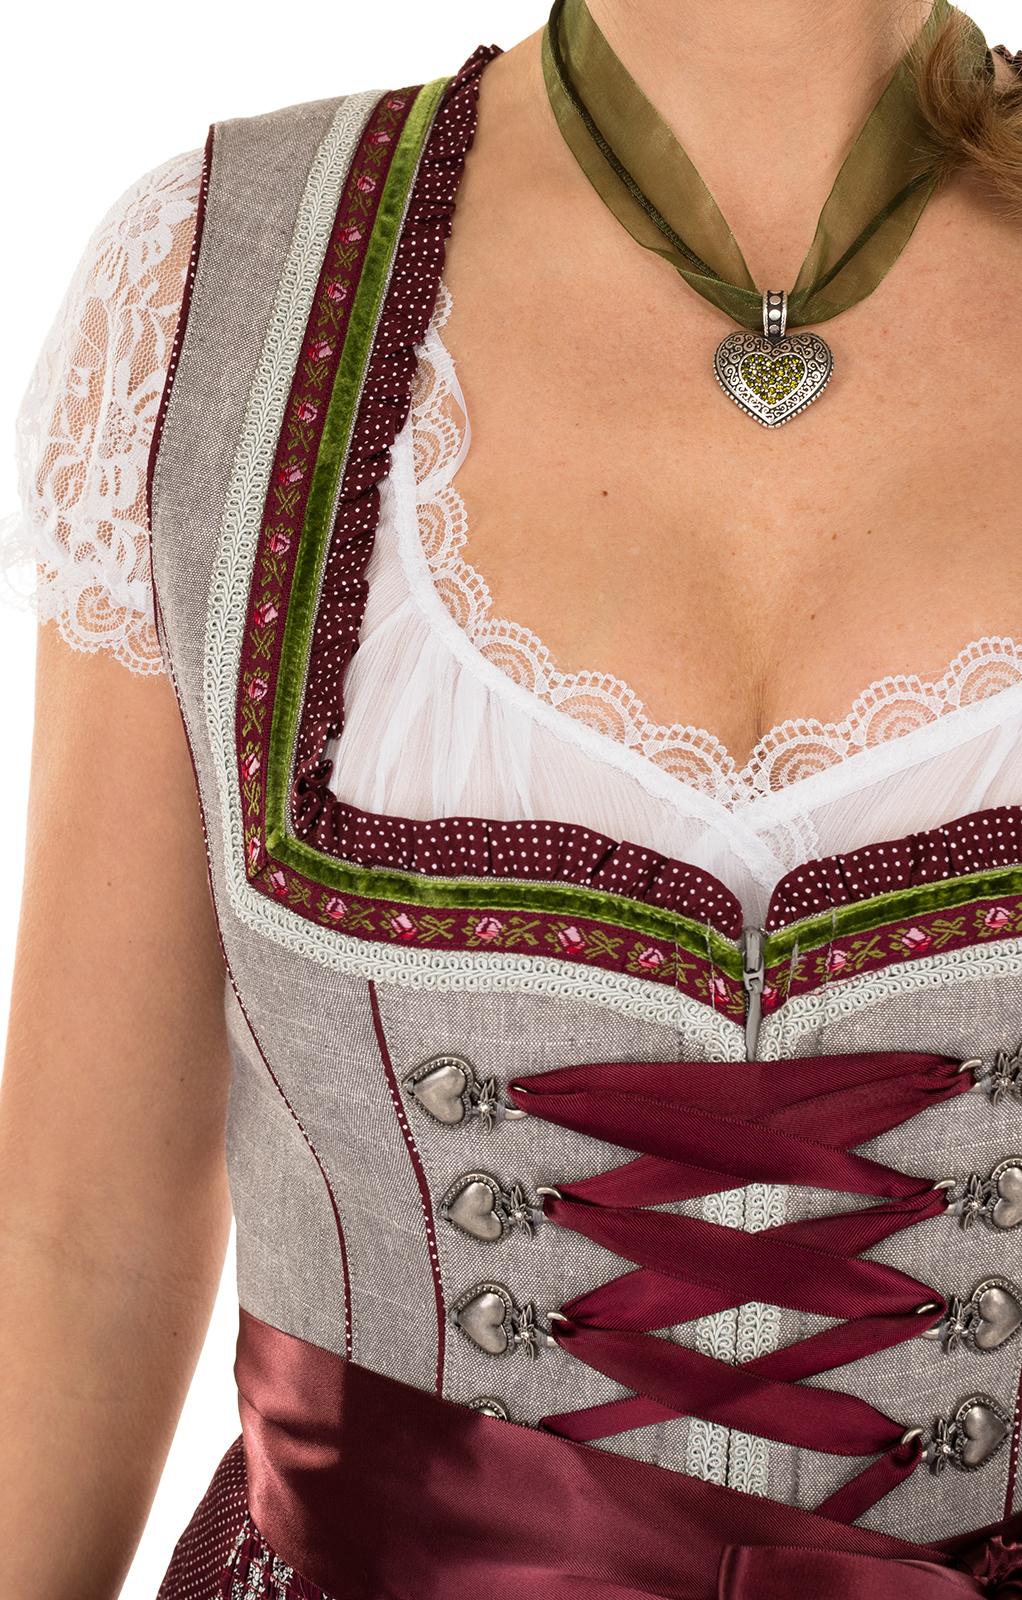 weitere Bilder von Mididirndl 2pcs. 60 cm 45046-90 red